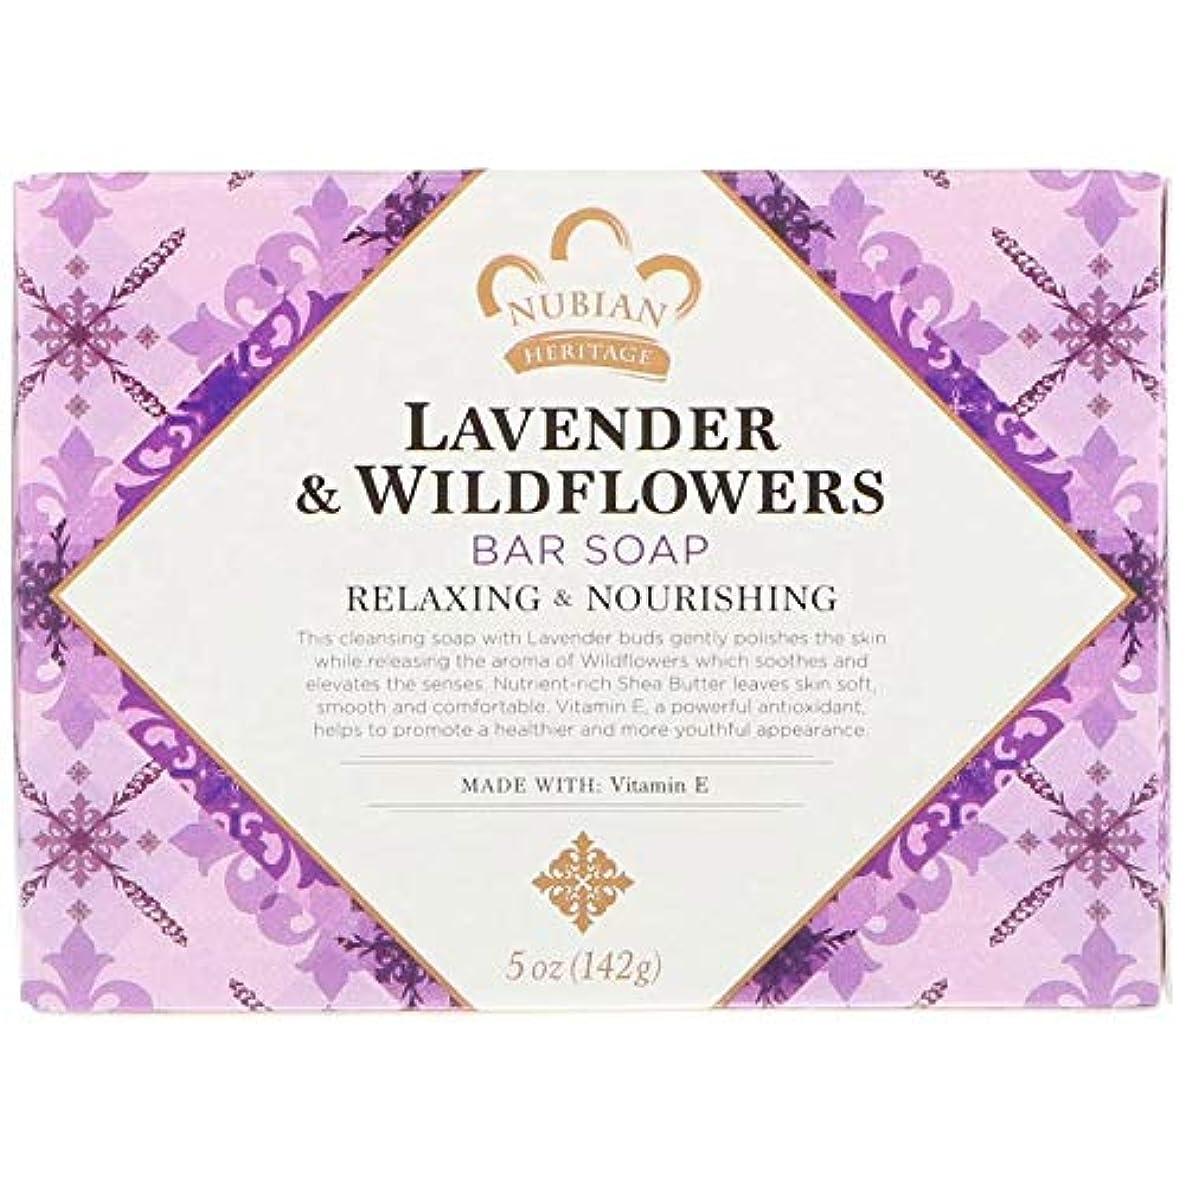 シティ準備するラフトシアバターソープ石鹸 ラベンダー&ワイルドフラワー Lavender & Wildflowers Bar Soap, 5 oz (142 g) [並行輸入品]